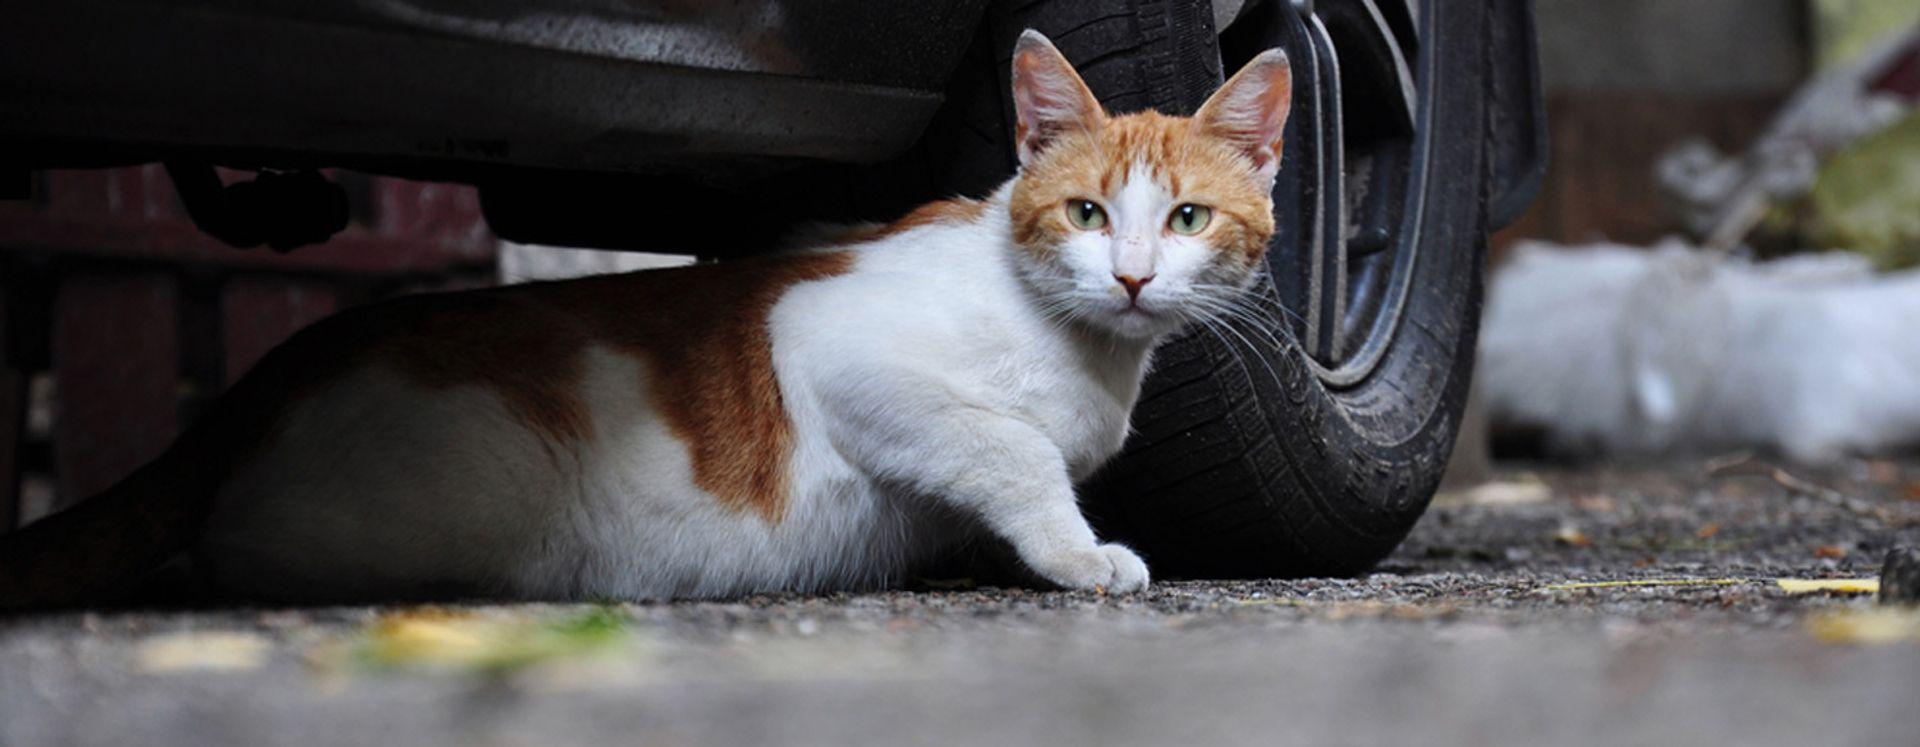 Veilig en diervriendelijk katten weren of vangen